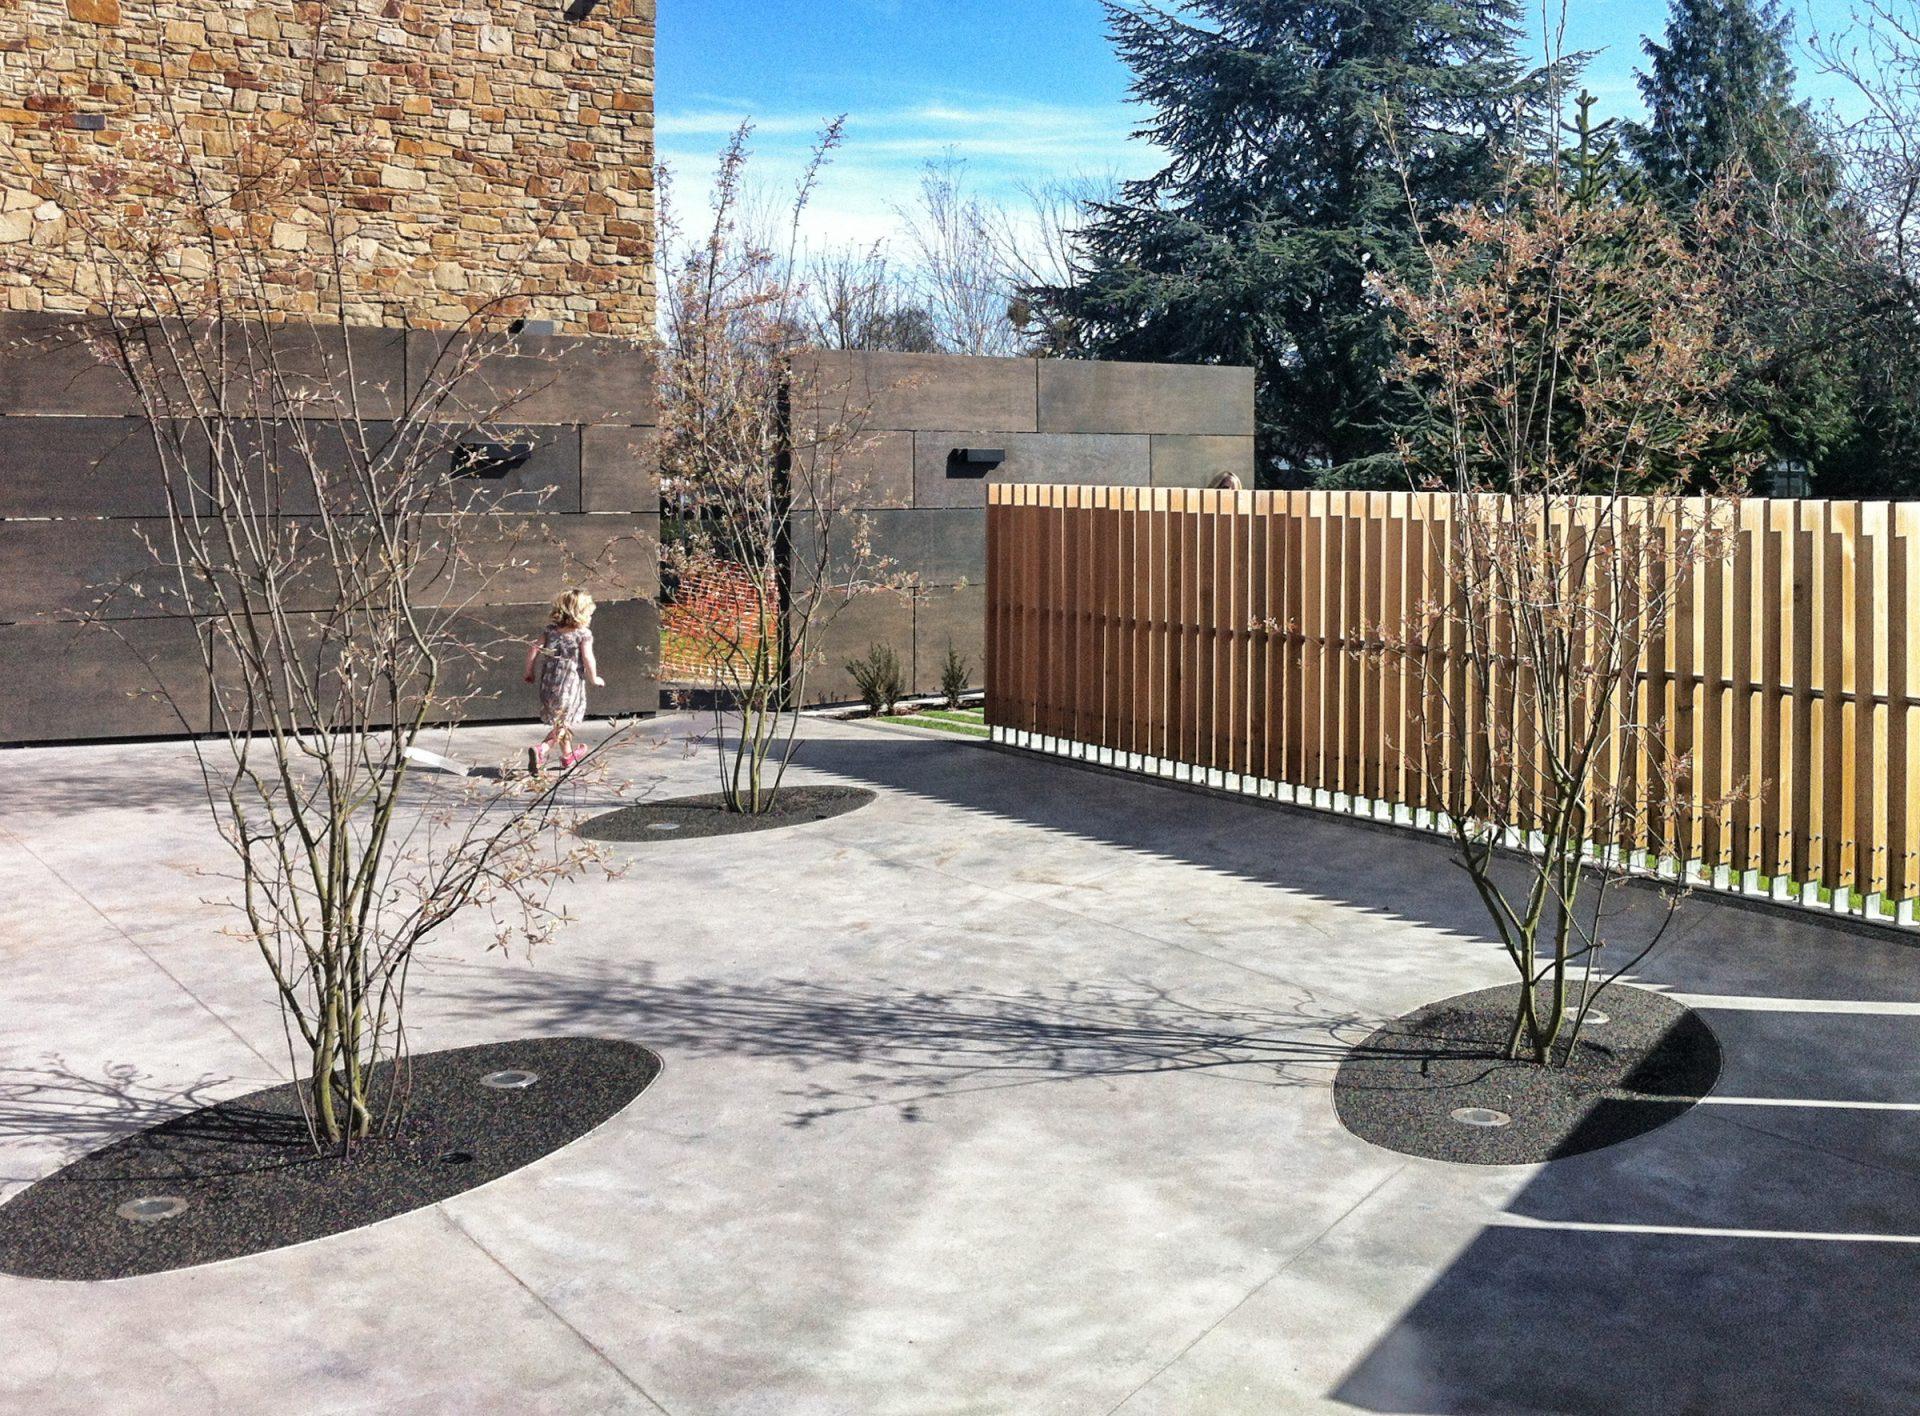 HCA The Arts Space Garden Cedar Fence Multi-Stem Trees